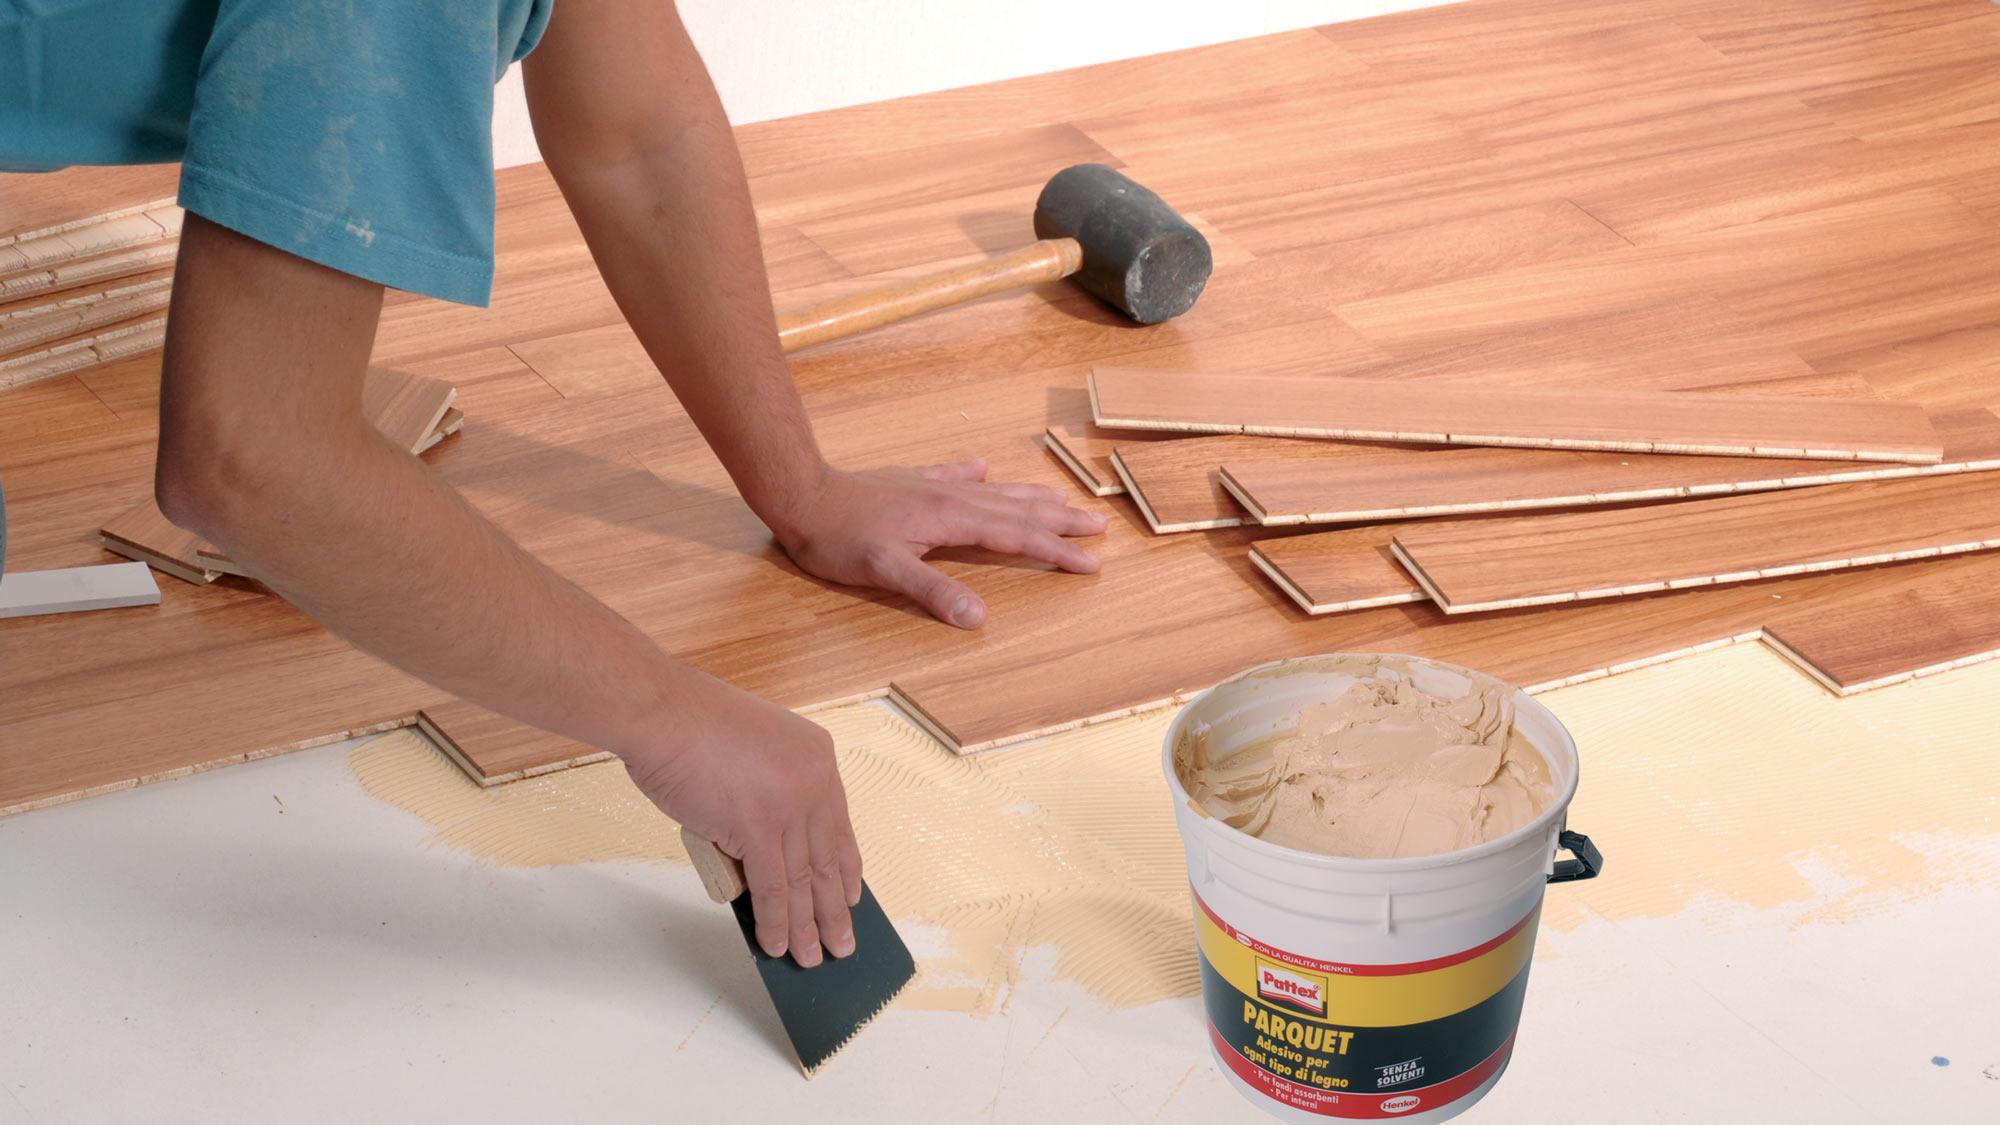 Colla Per Pavimenti Pvc colla per pavimenti | tipologie e utilizzo fai da te